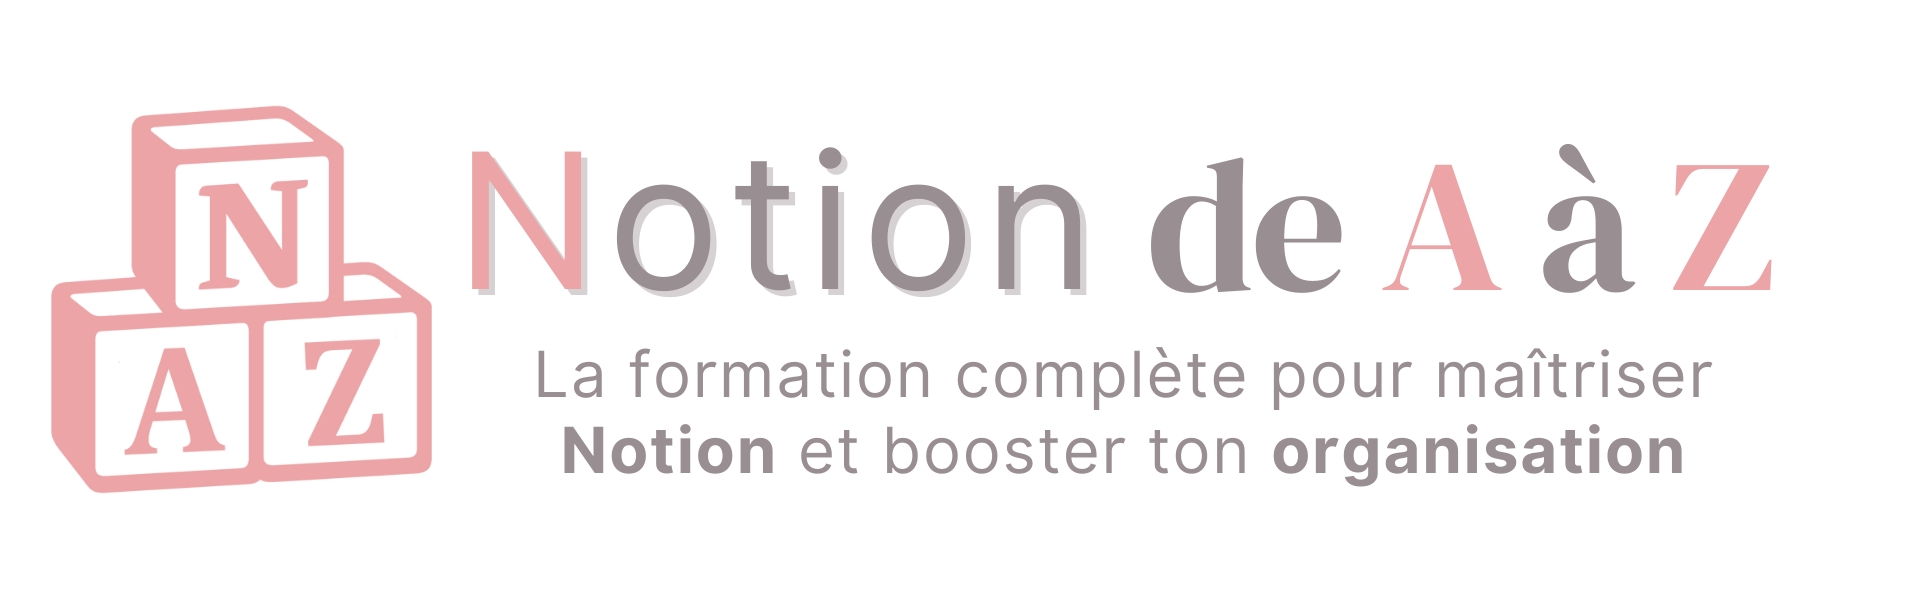 Formation Notion de A à Z - Logo et texte horizontal